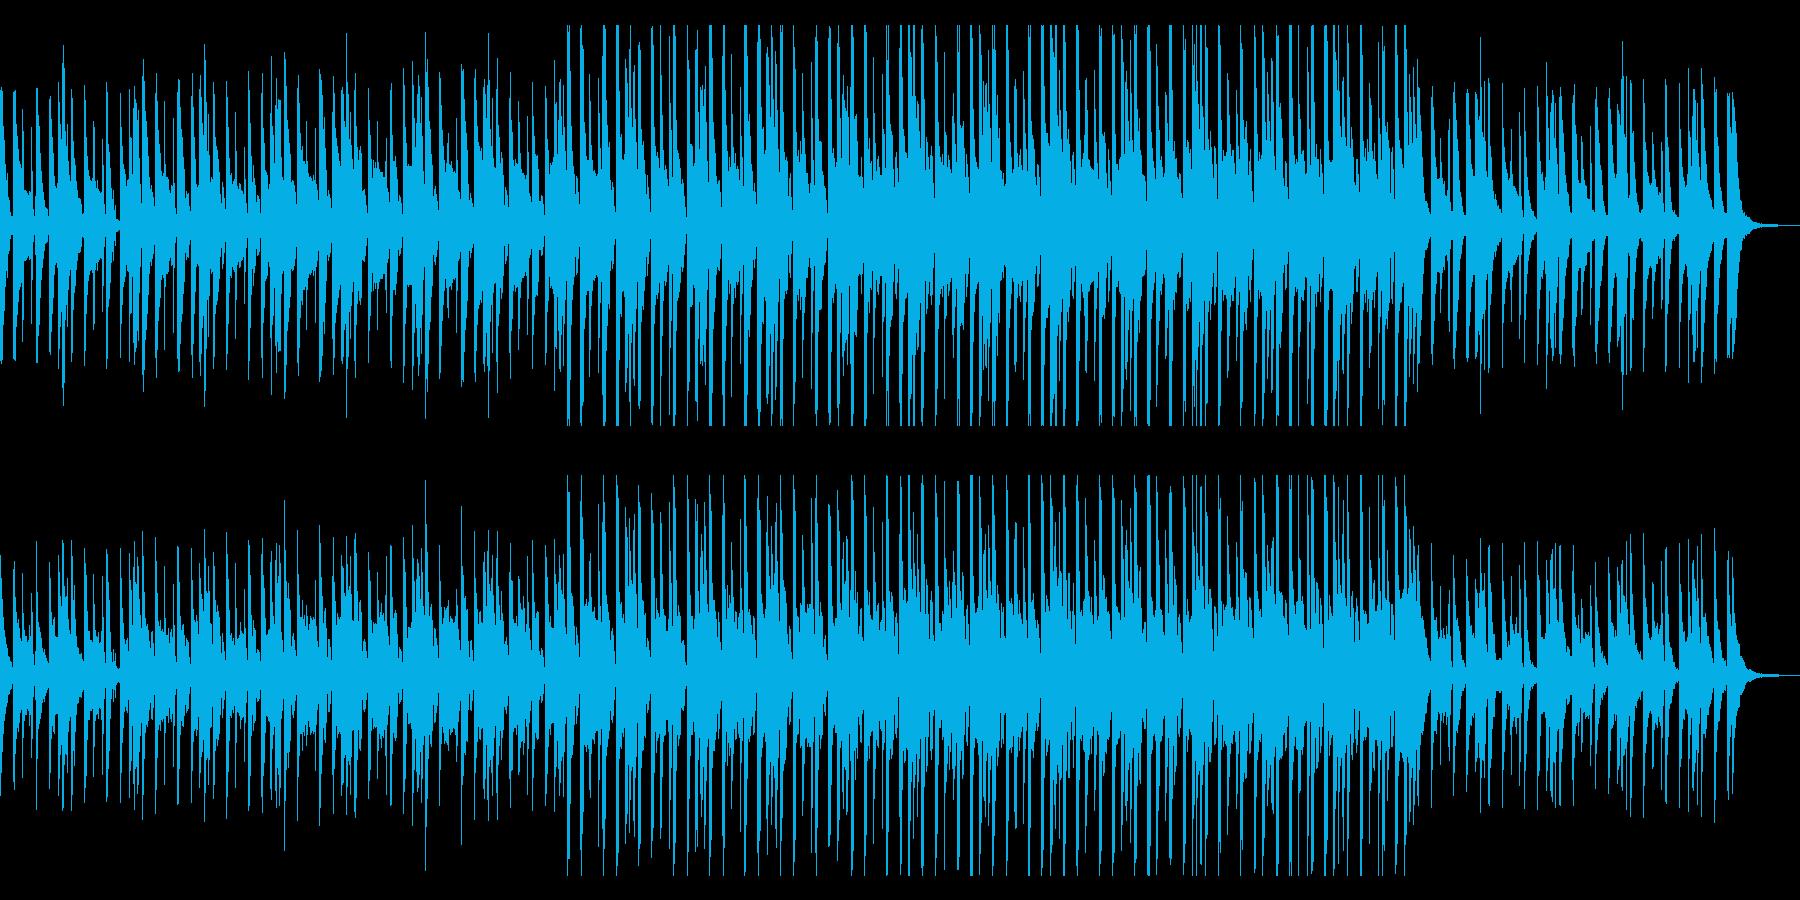 ハネ感の可愛いシンセサイザーのポップな曲の再生済みの波形